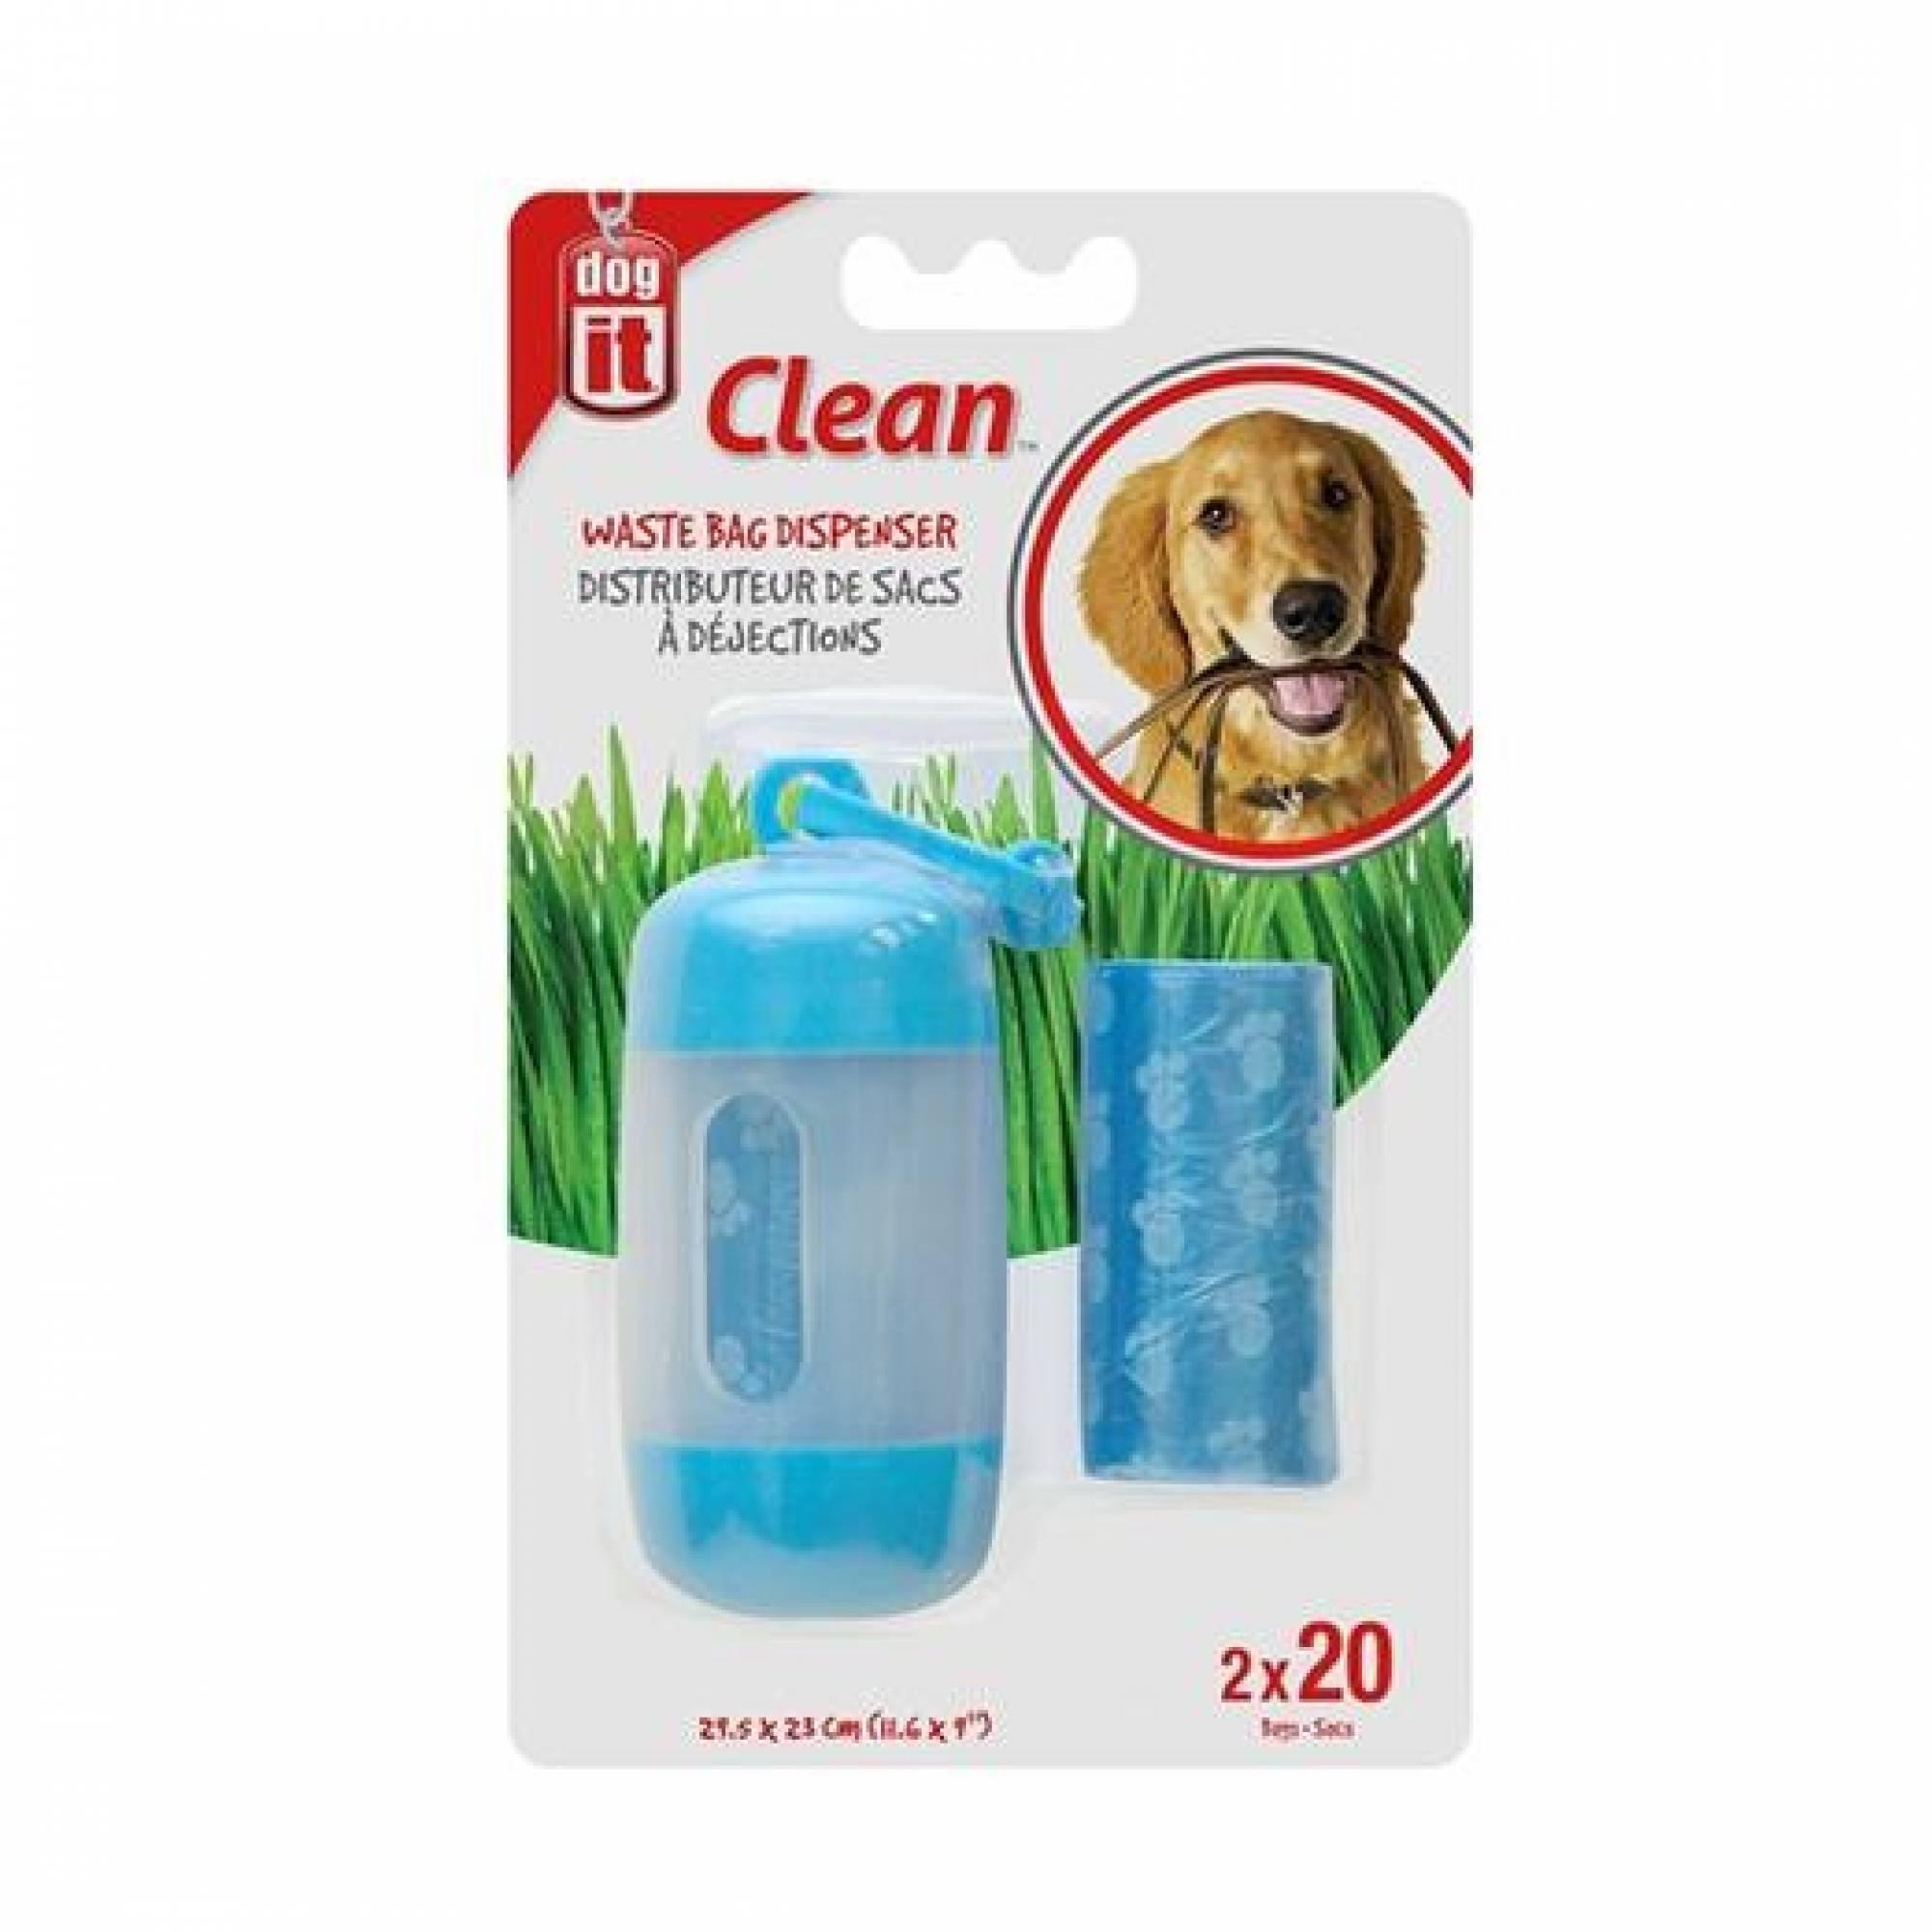 DogIt Clean Waste Bag Dispenser Blue 2 Rolls / 20 Bags